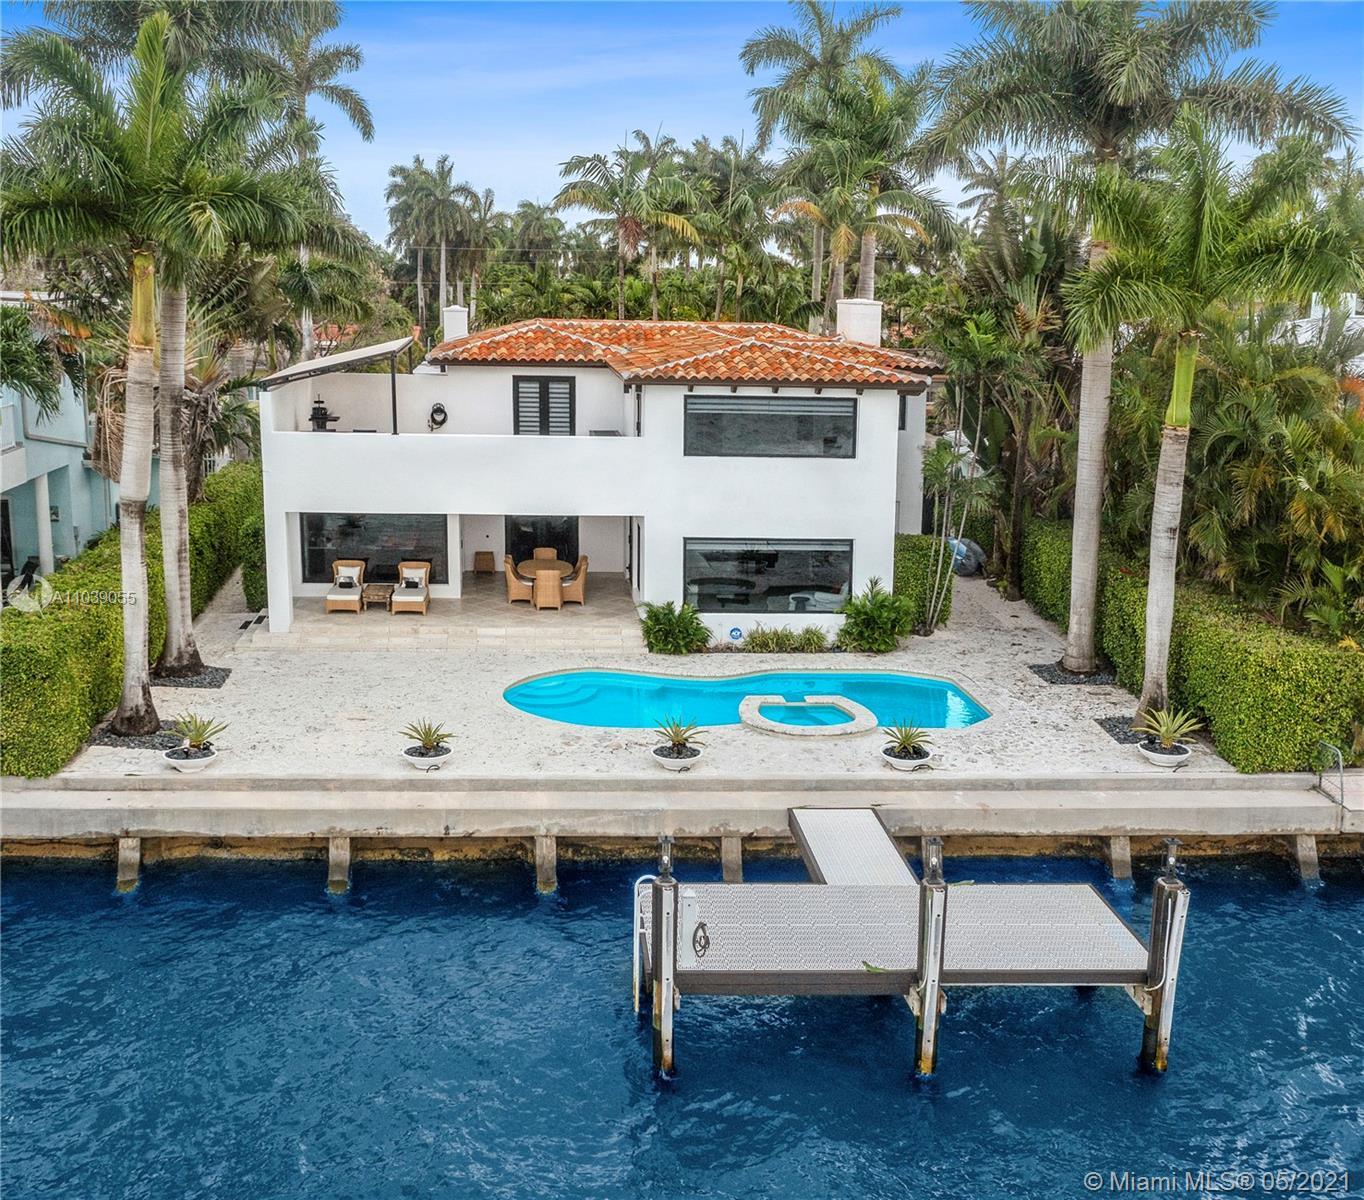 7500 Miami View Dr Property Photo 1